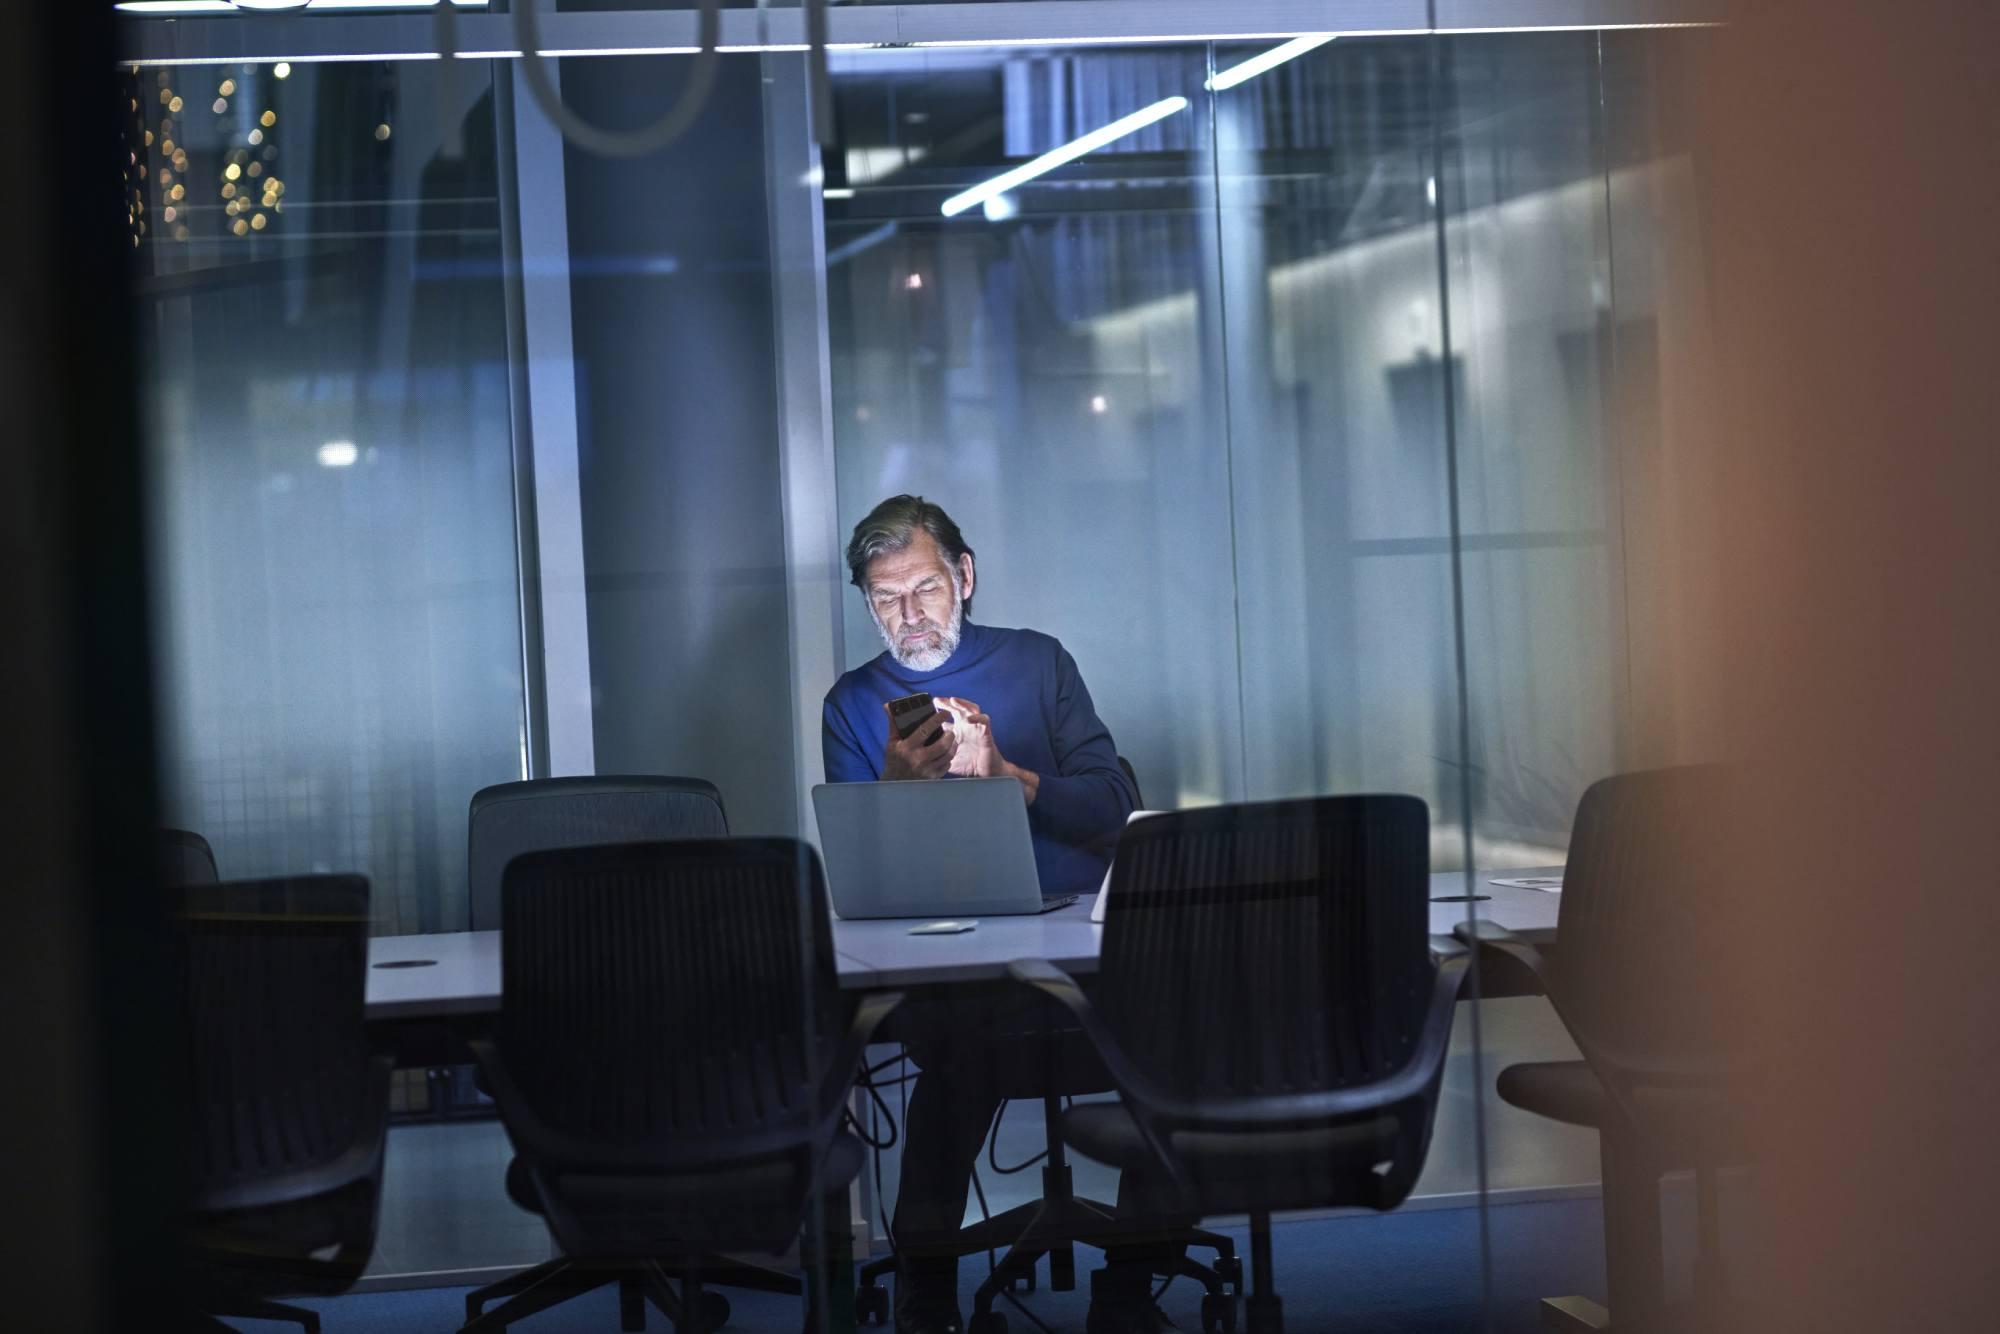 Äldre man i konferensrum med mobil och laptop